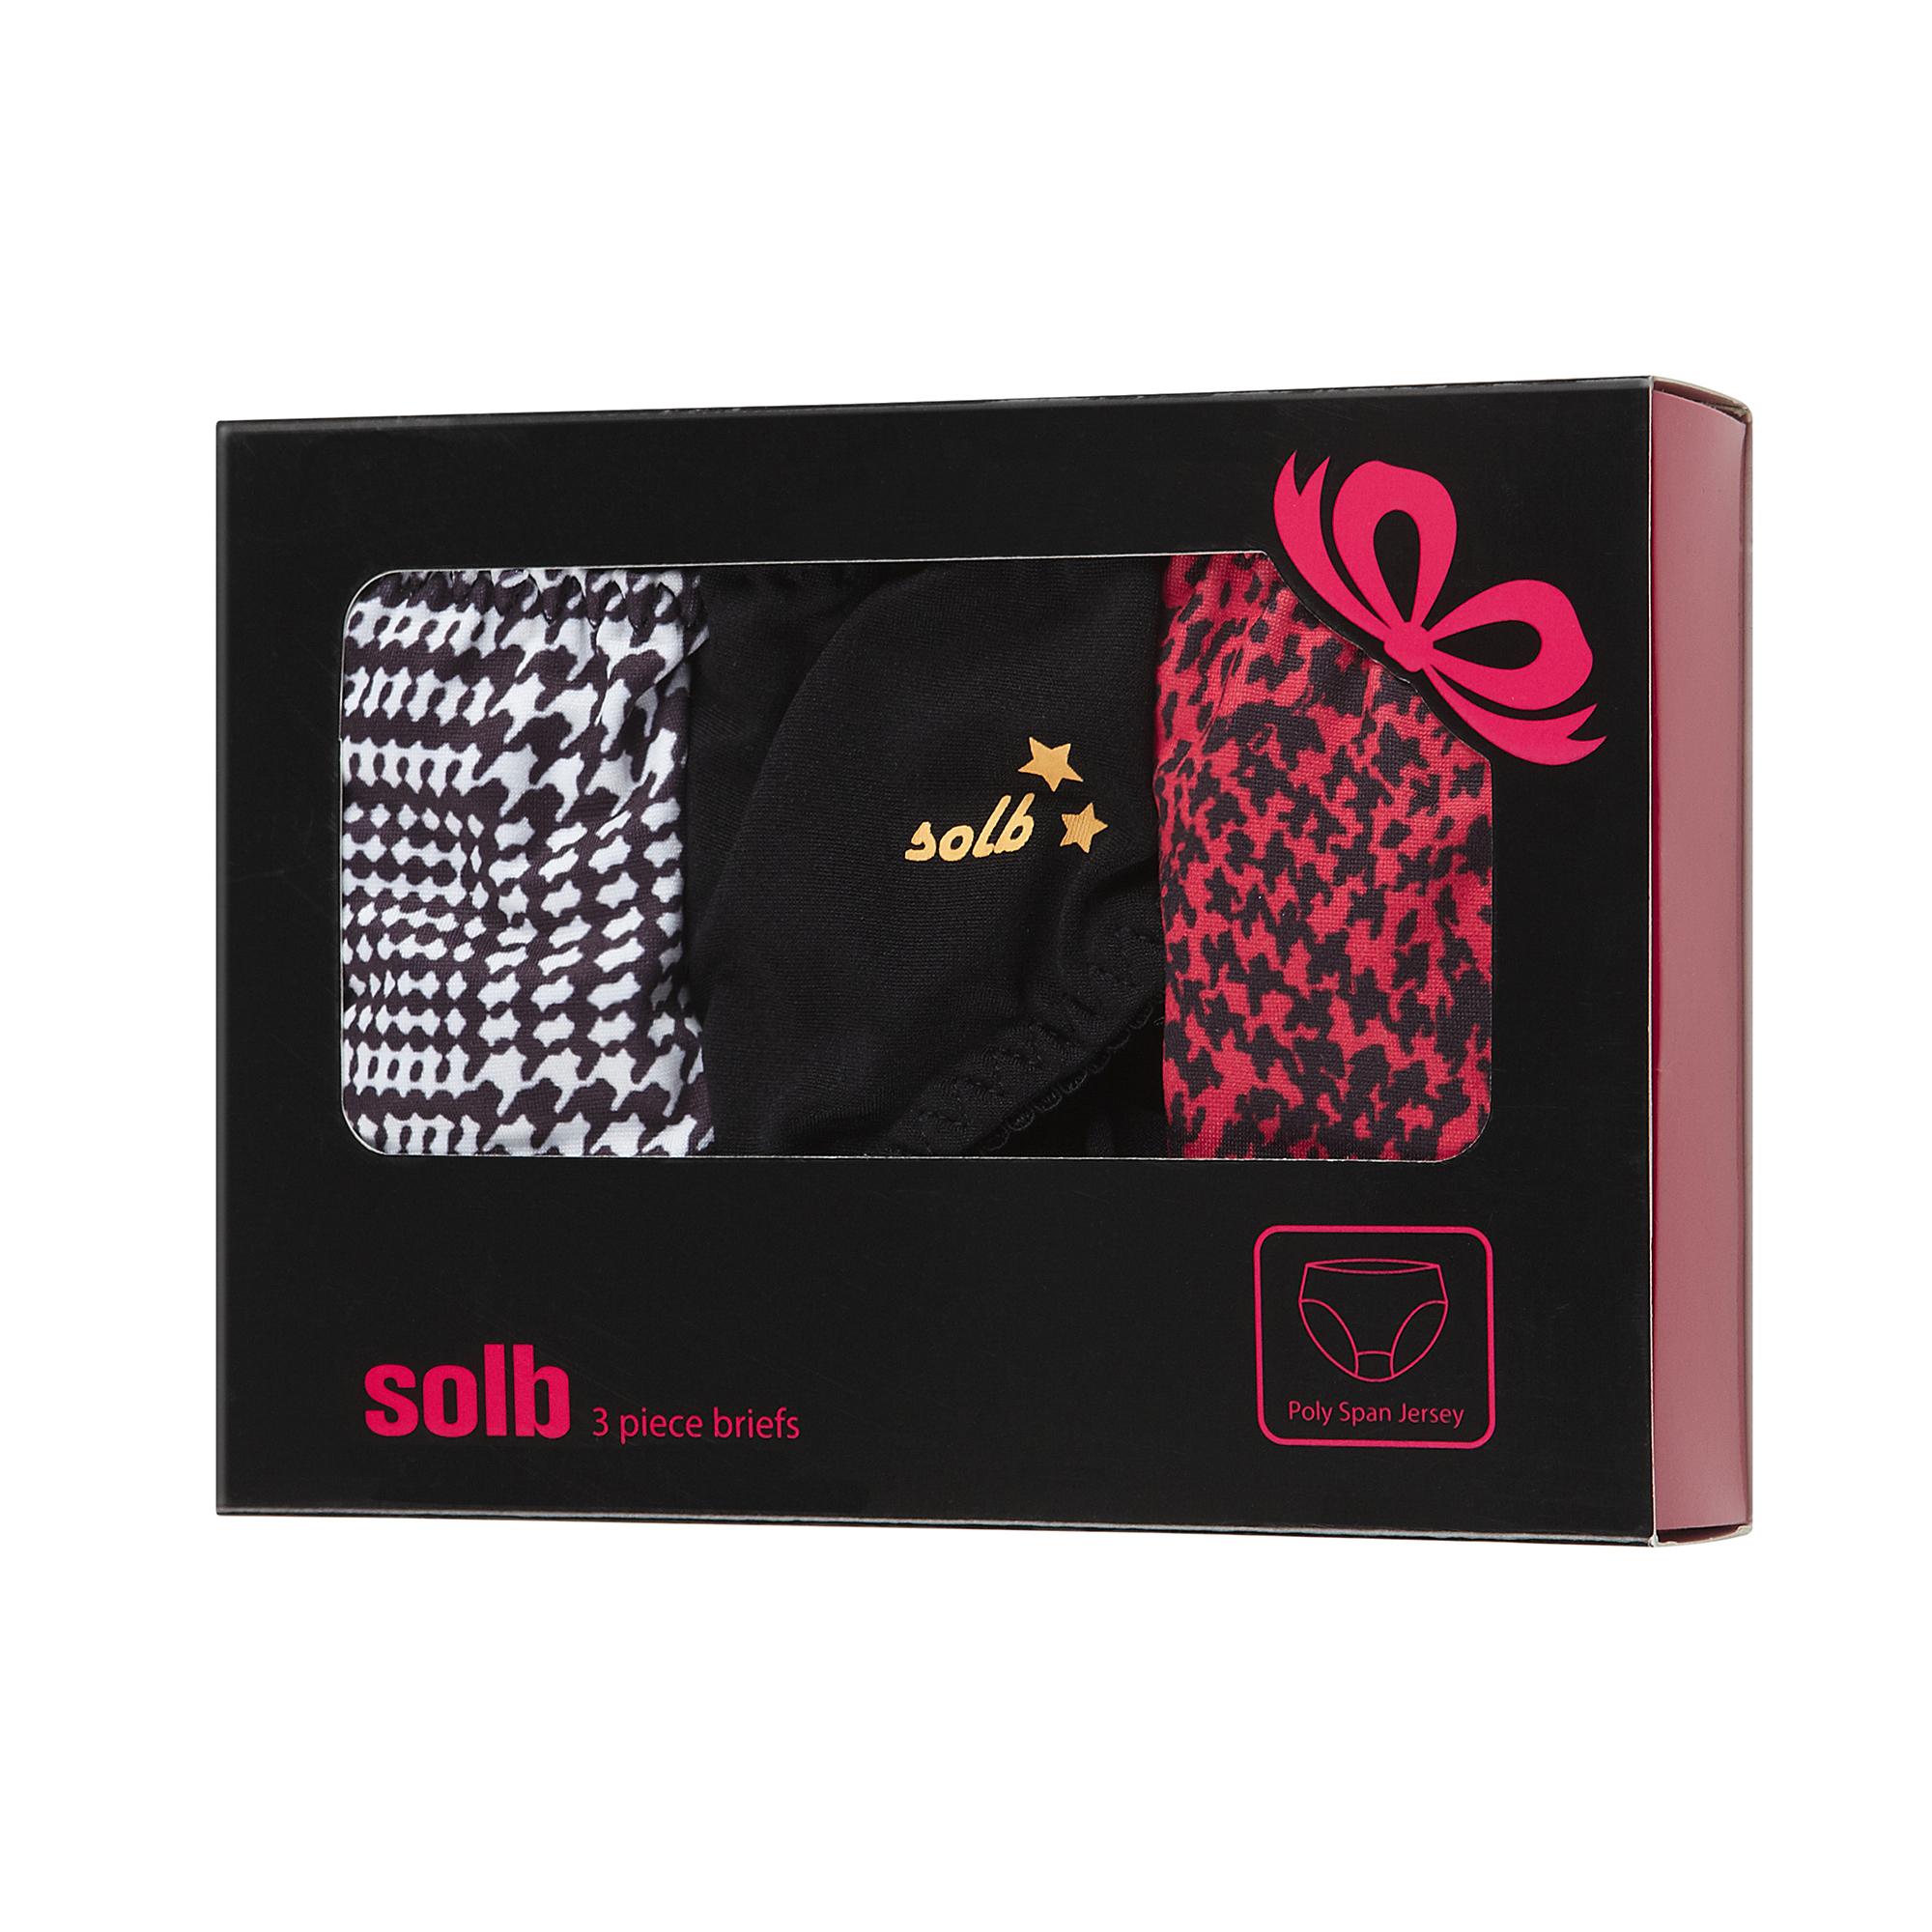 솔브 귀여운 나염 팬티 3종 선물세트